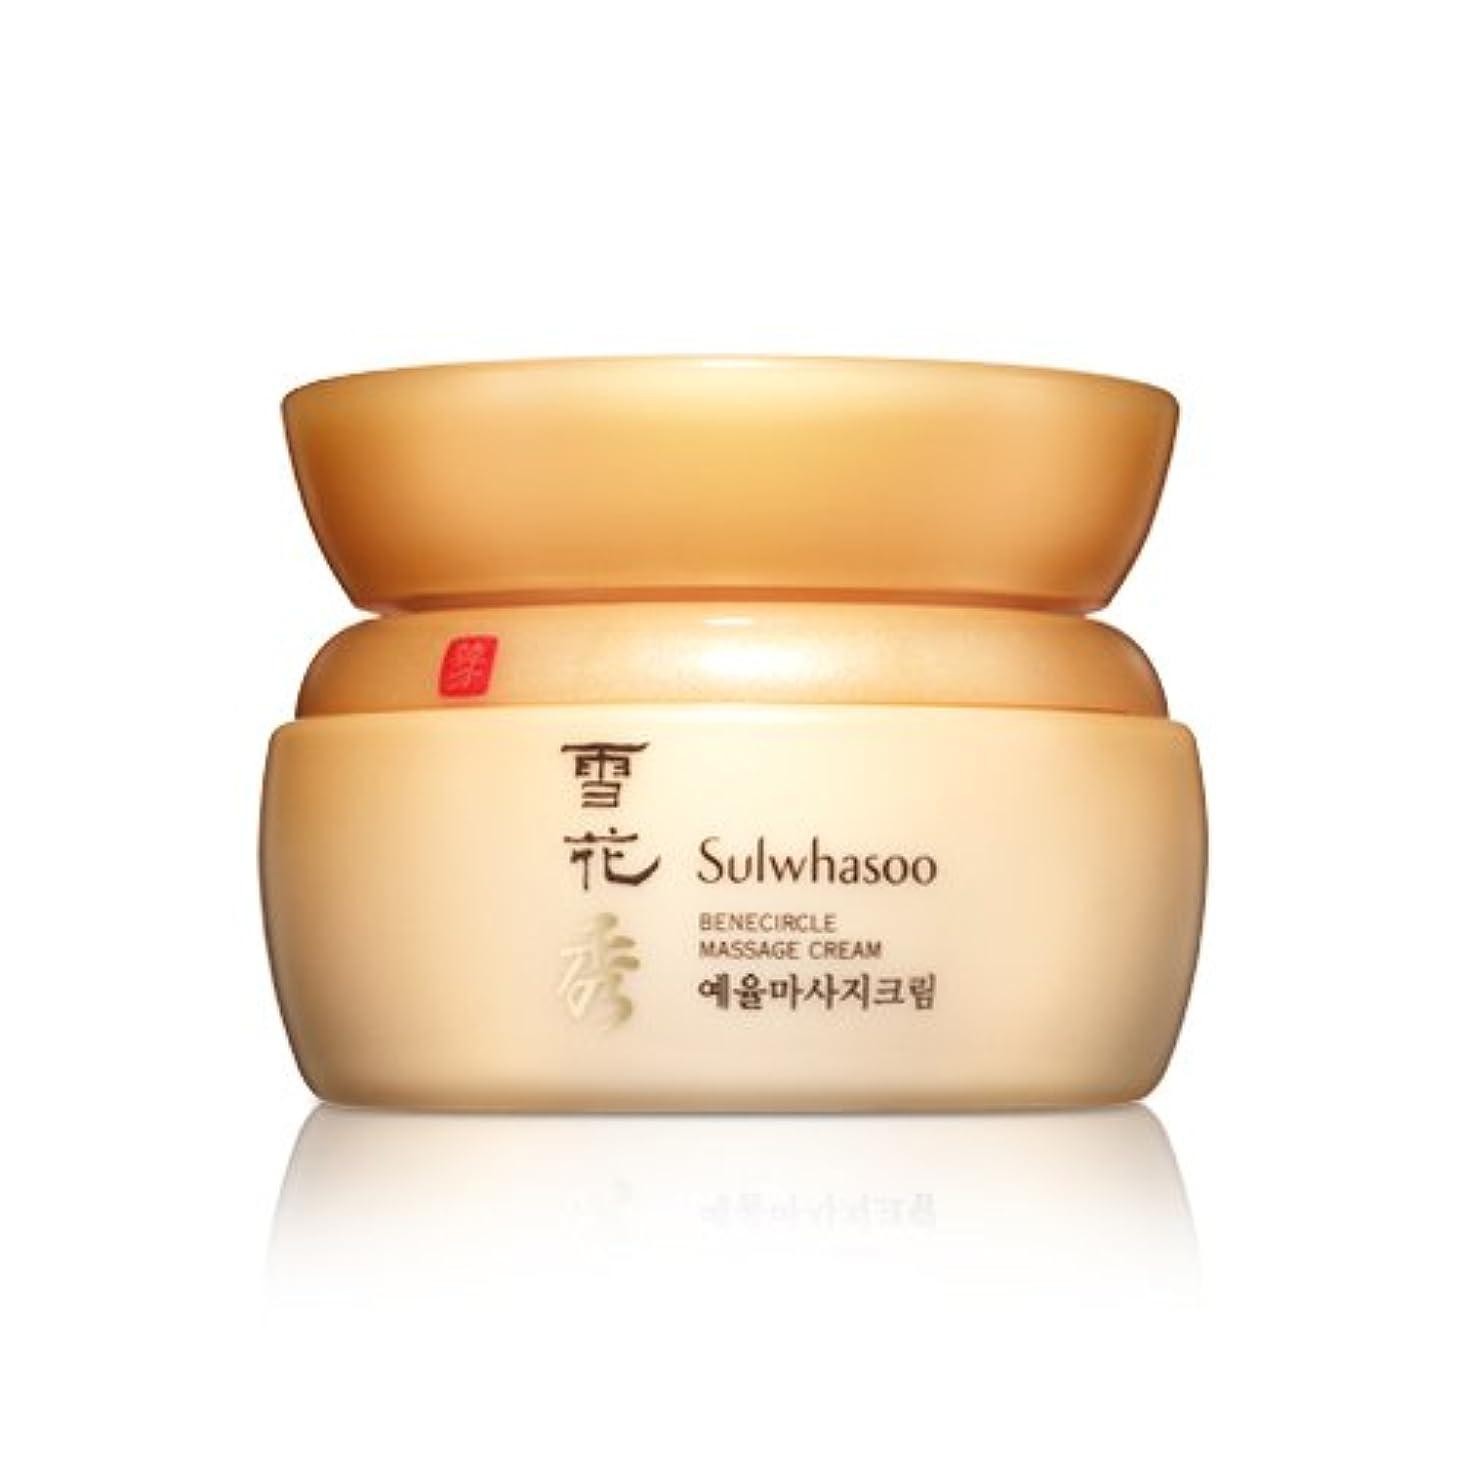 あいまいな正気道徳雪花秀(ソルファス)叡率(イェユル)マッサージクリーム(Benecircle Massage Cream)180ml